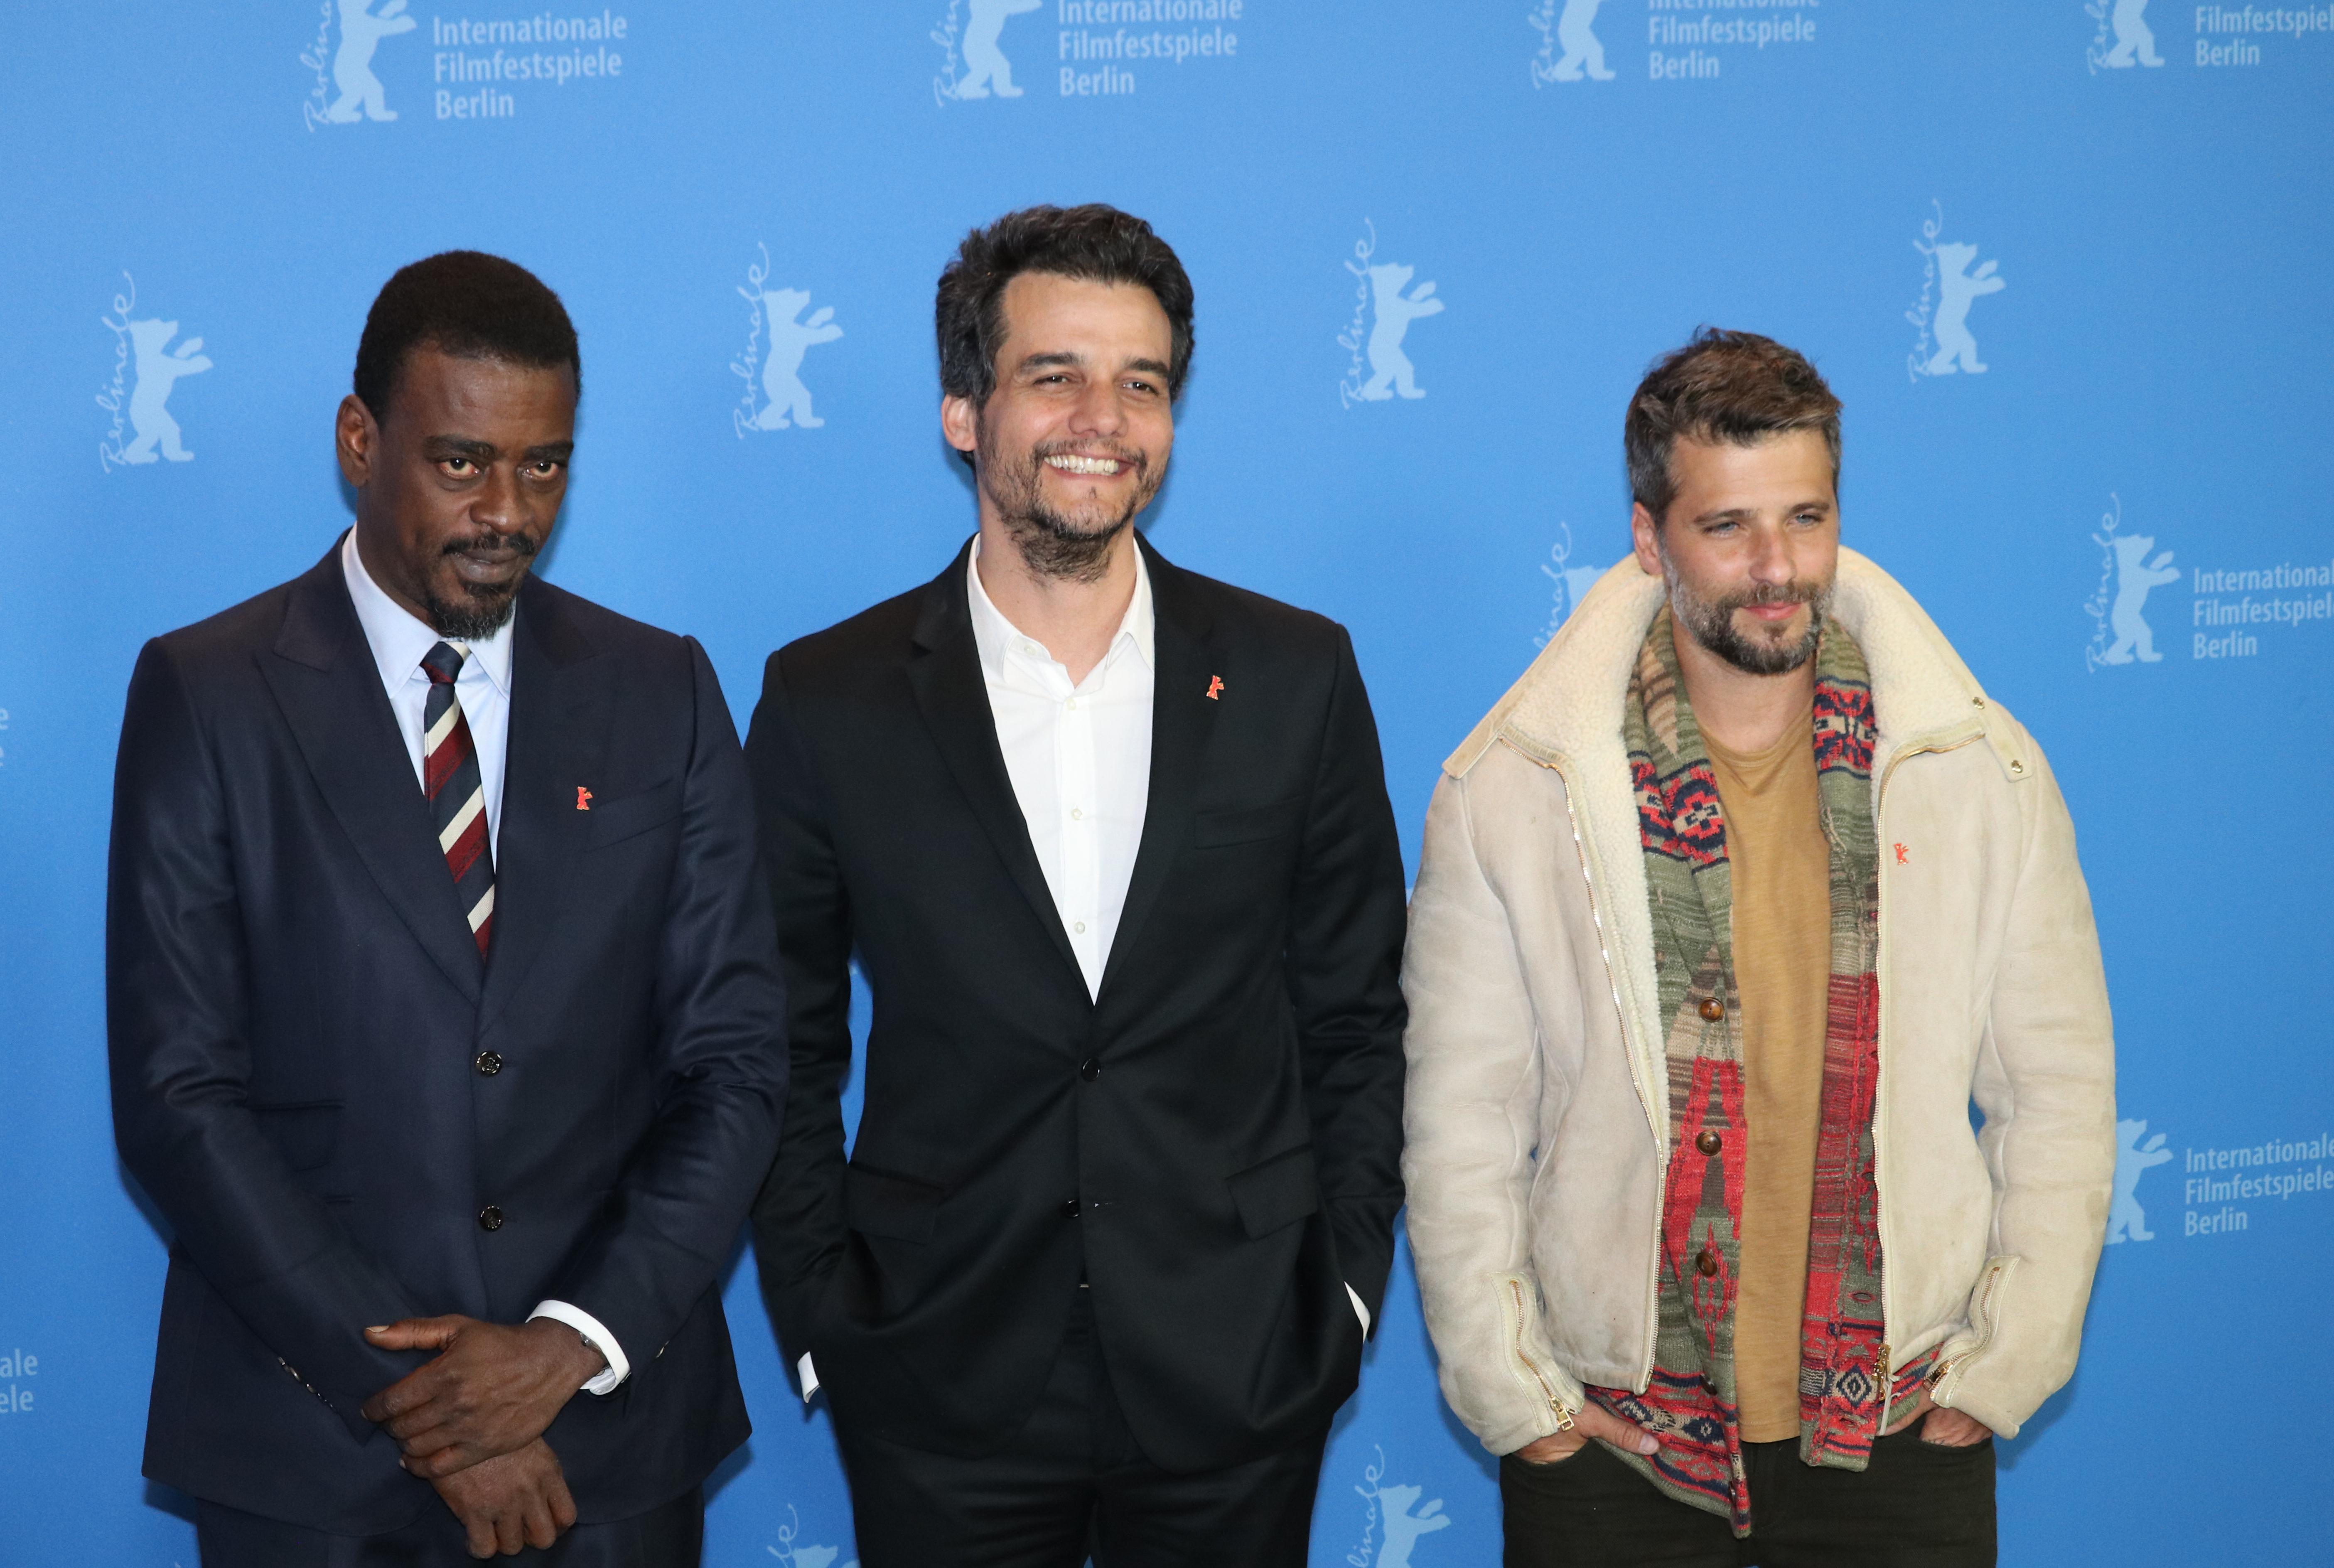 Berlino 2019: Wagner Moura, Bruno Gagliasso e Seu Jorge al photocall di Marighella